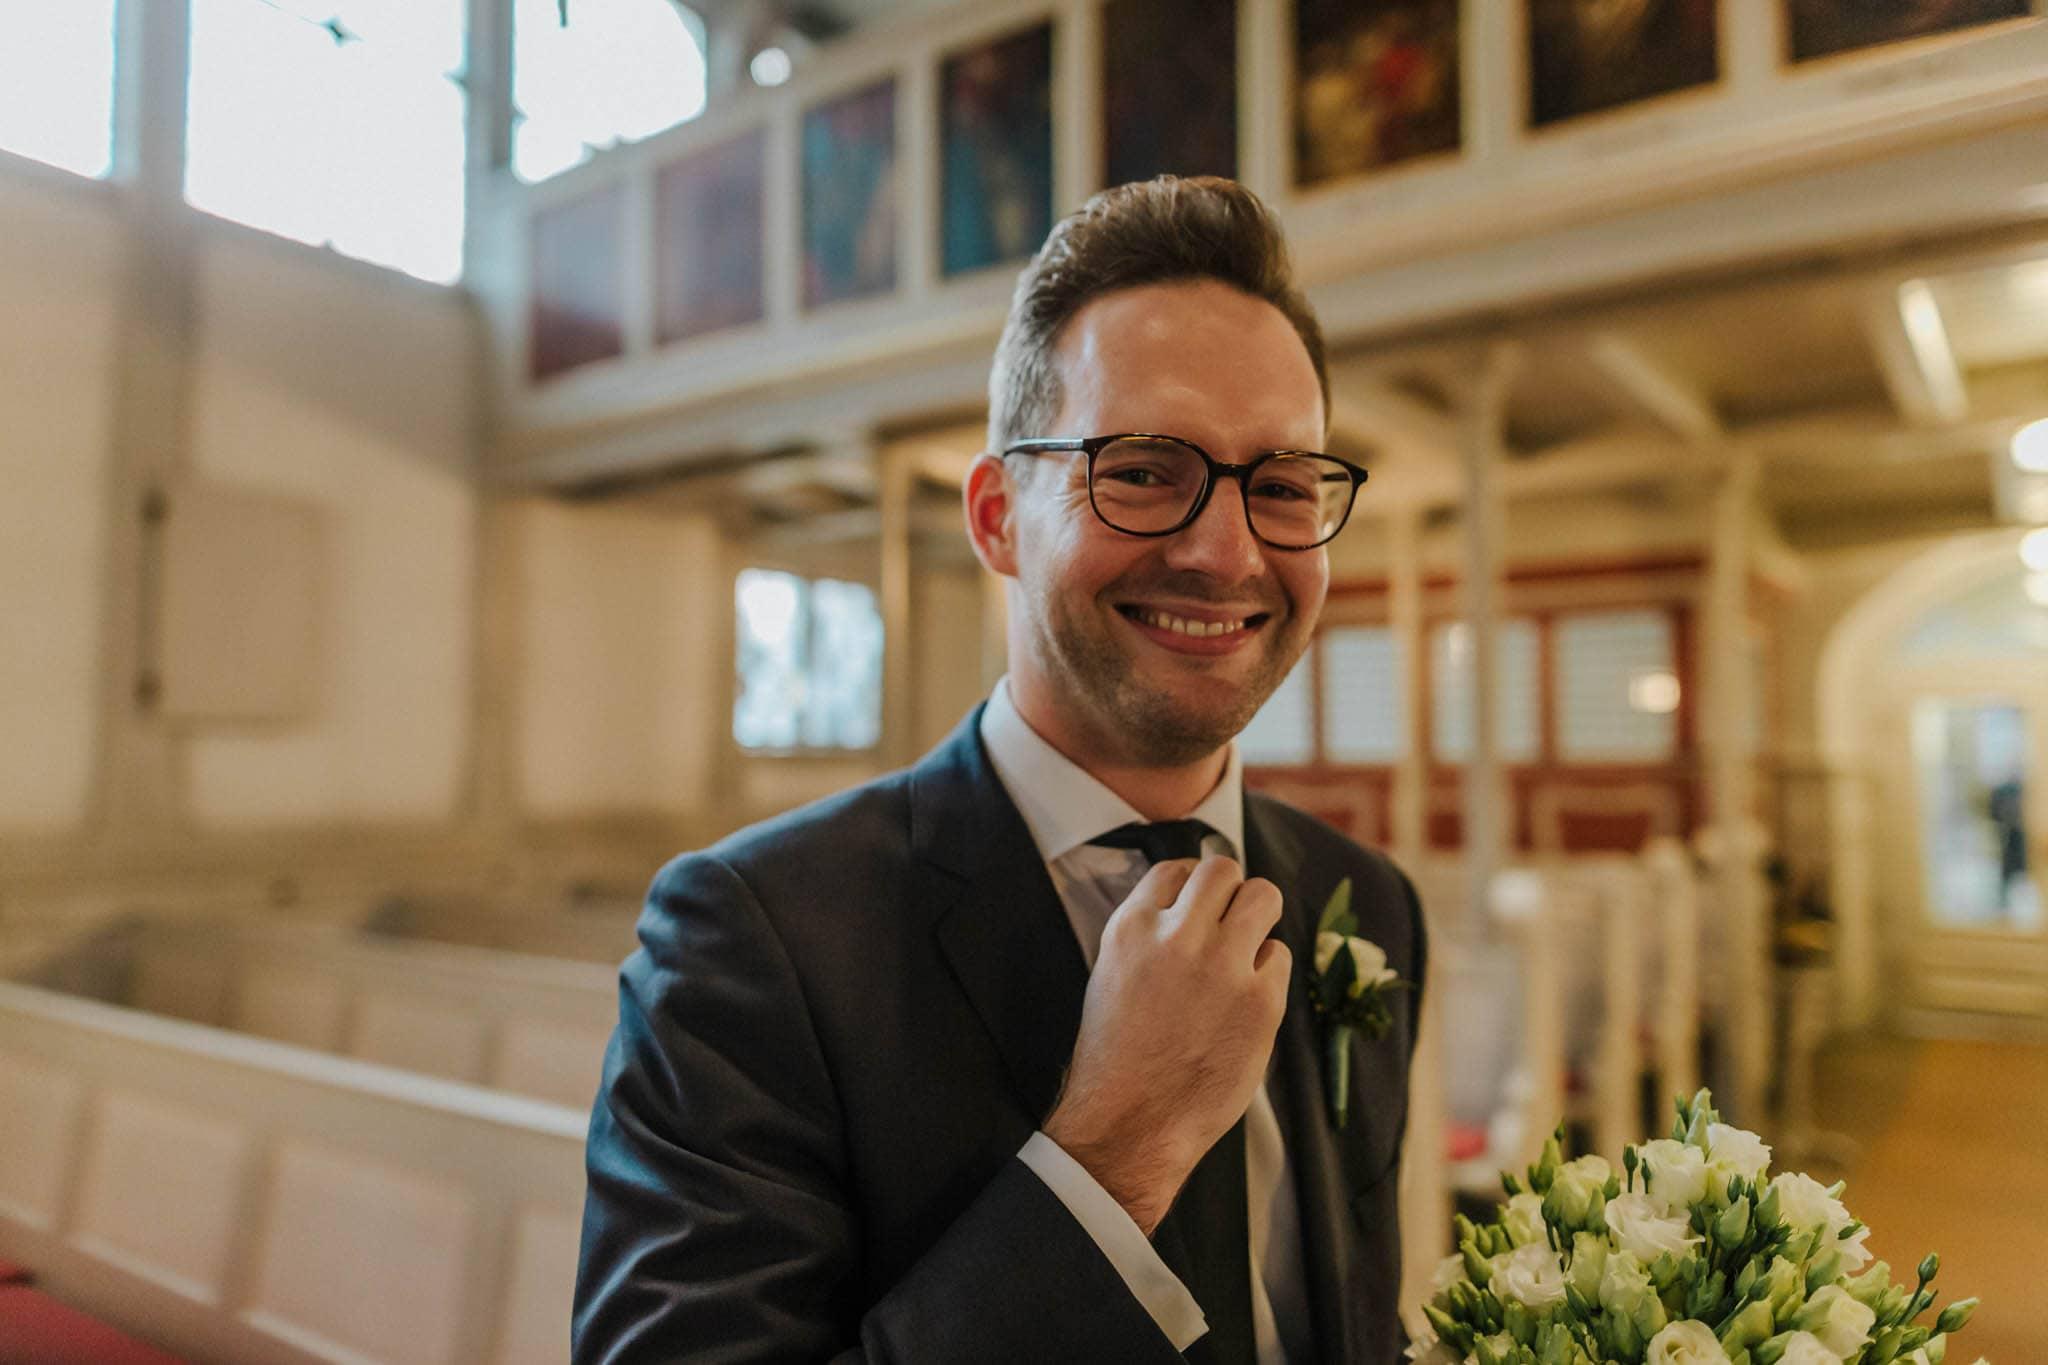 Hochzeitsfieber by Photo-Schomburg, Hochzeitsfotograf, Hamburg,Hochzeitstag, Hochzeitspaar, Braut, Bräutigam, Literaturhauscafe Hamburg-27